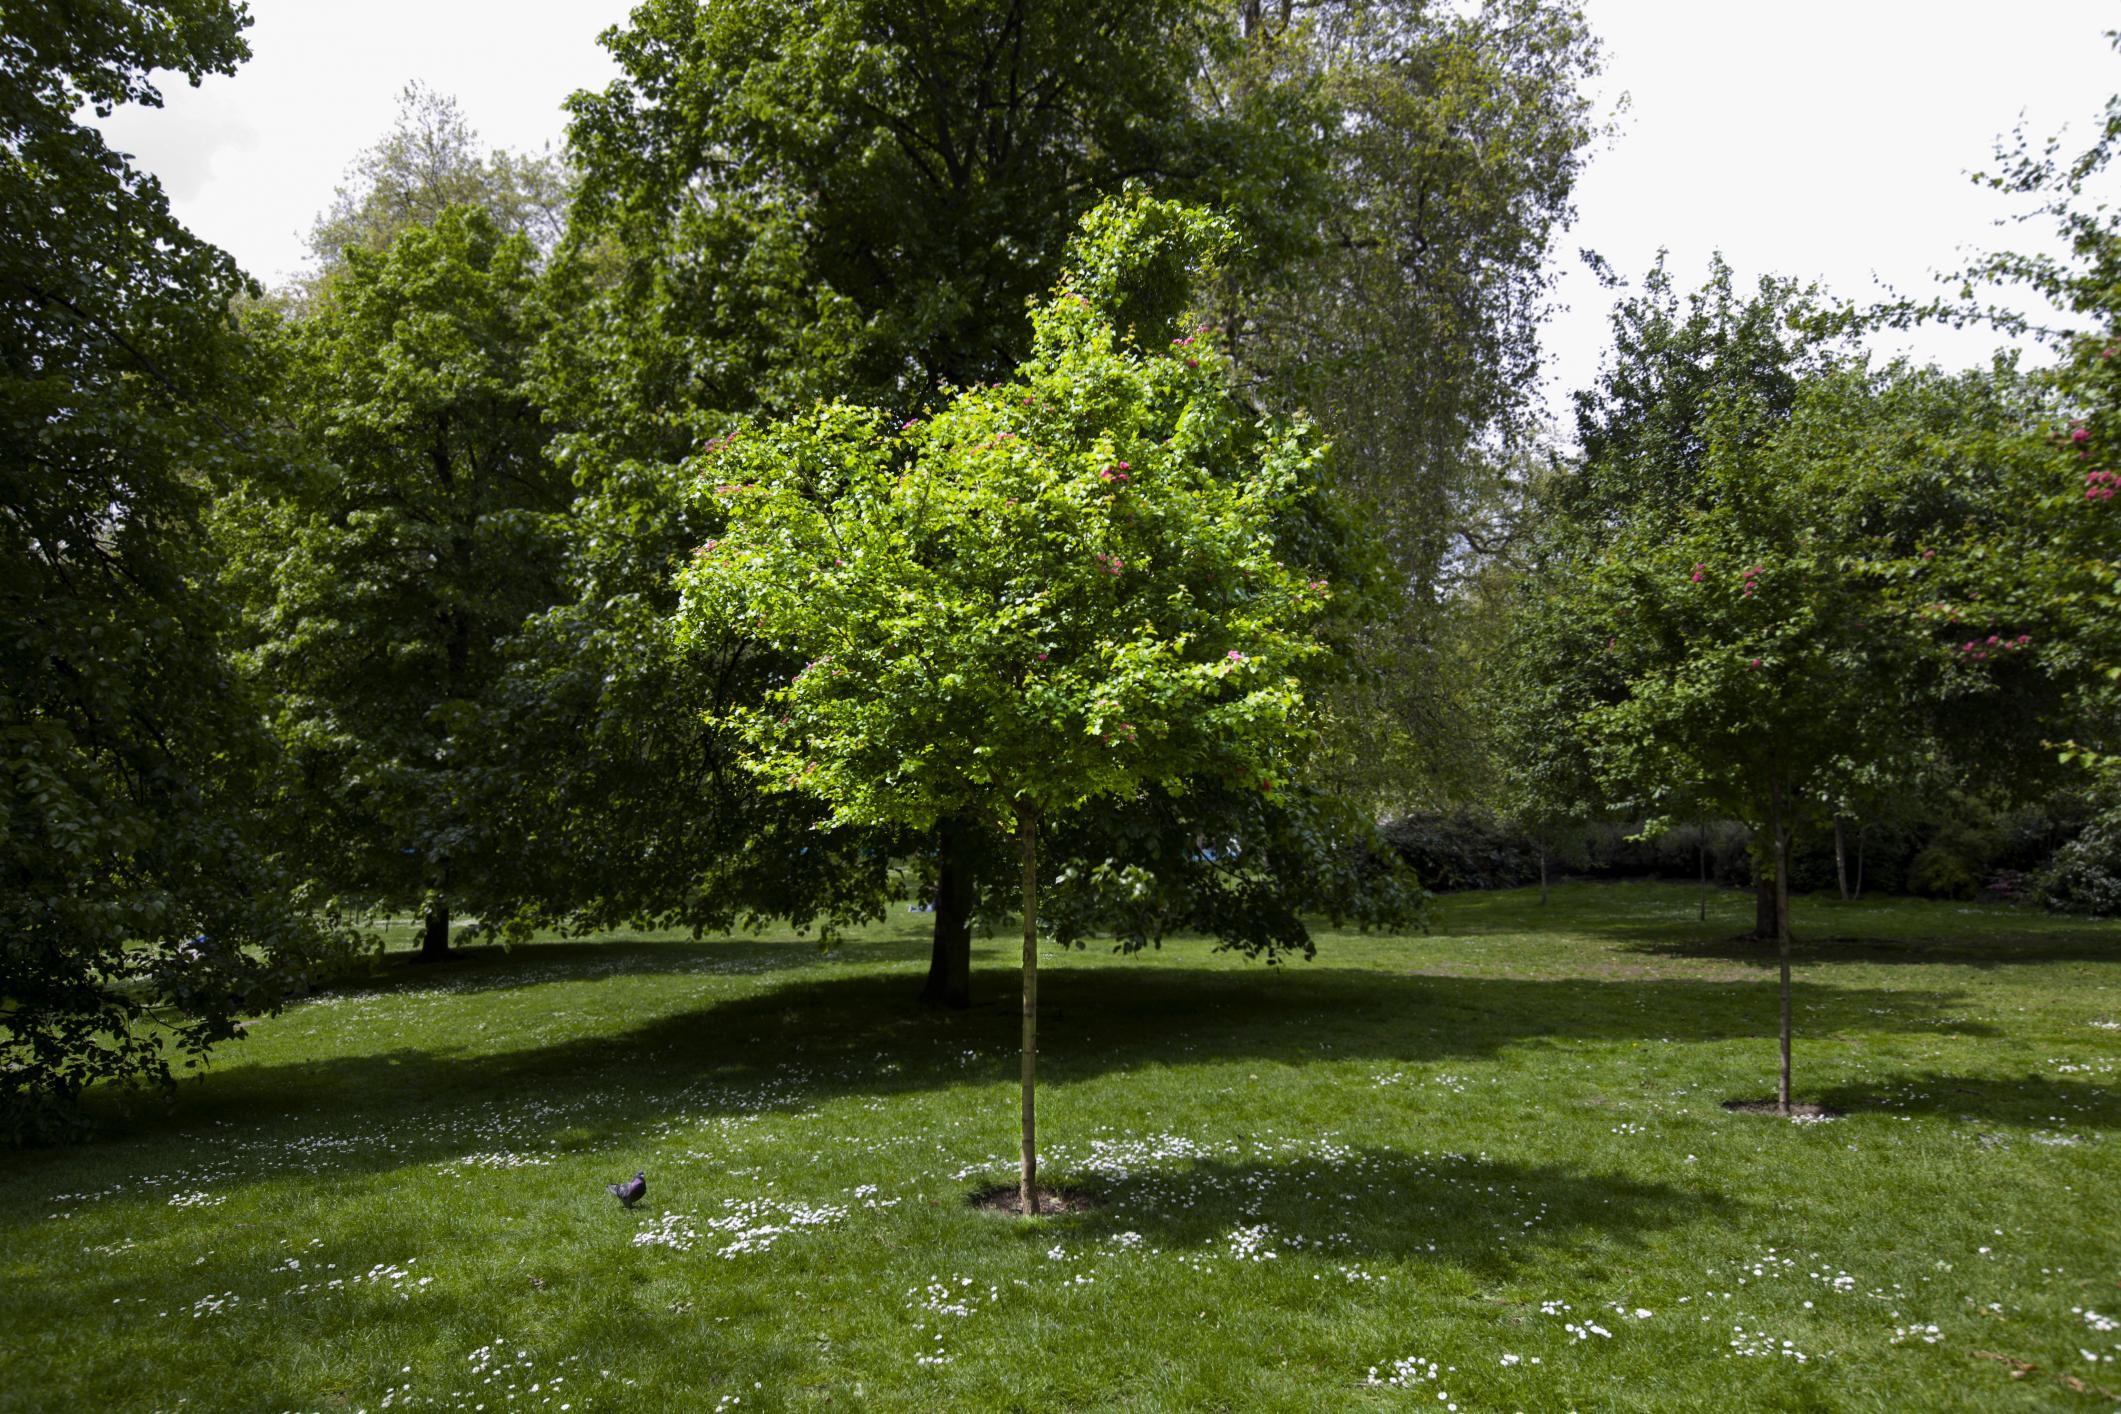 (c) Treeservicementorohio.net